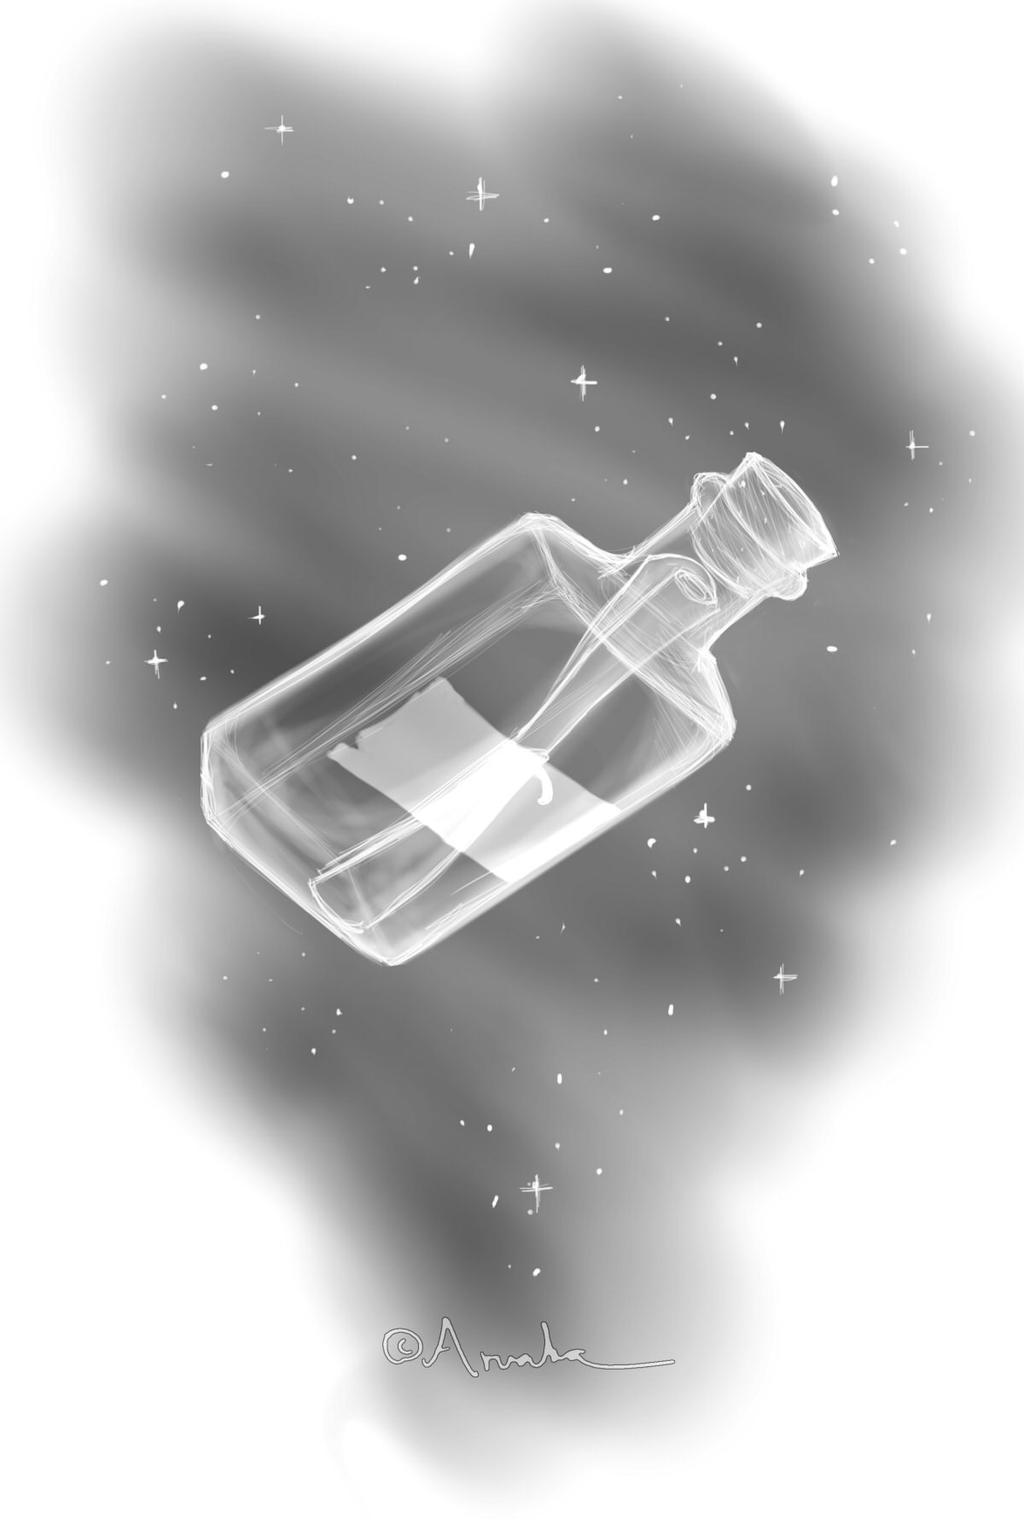 CM - Bottle in Space